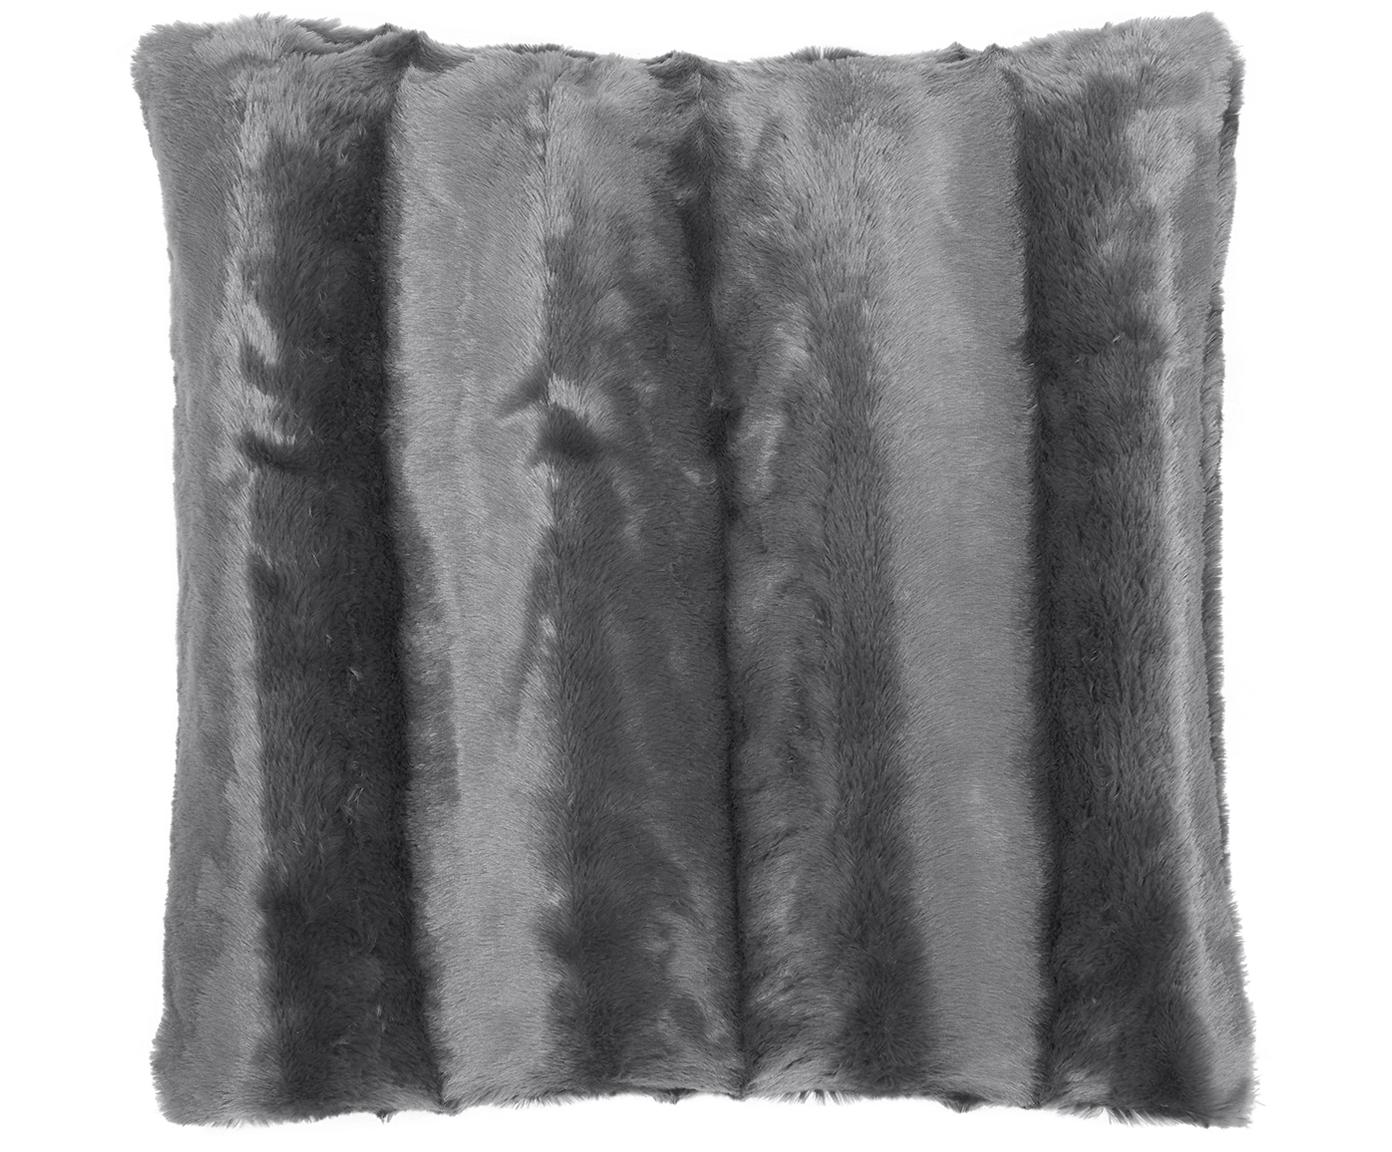 Poszewka na poduszkę ze sztucznego futra na poduszkę Alva, 100% poliester (sztuczne futro), Ciemny szary, S 45 x D 45 cm